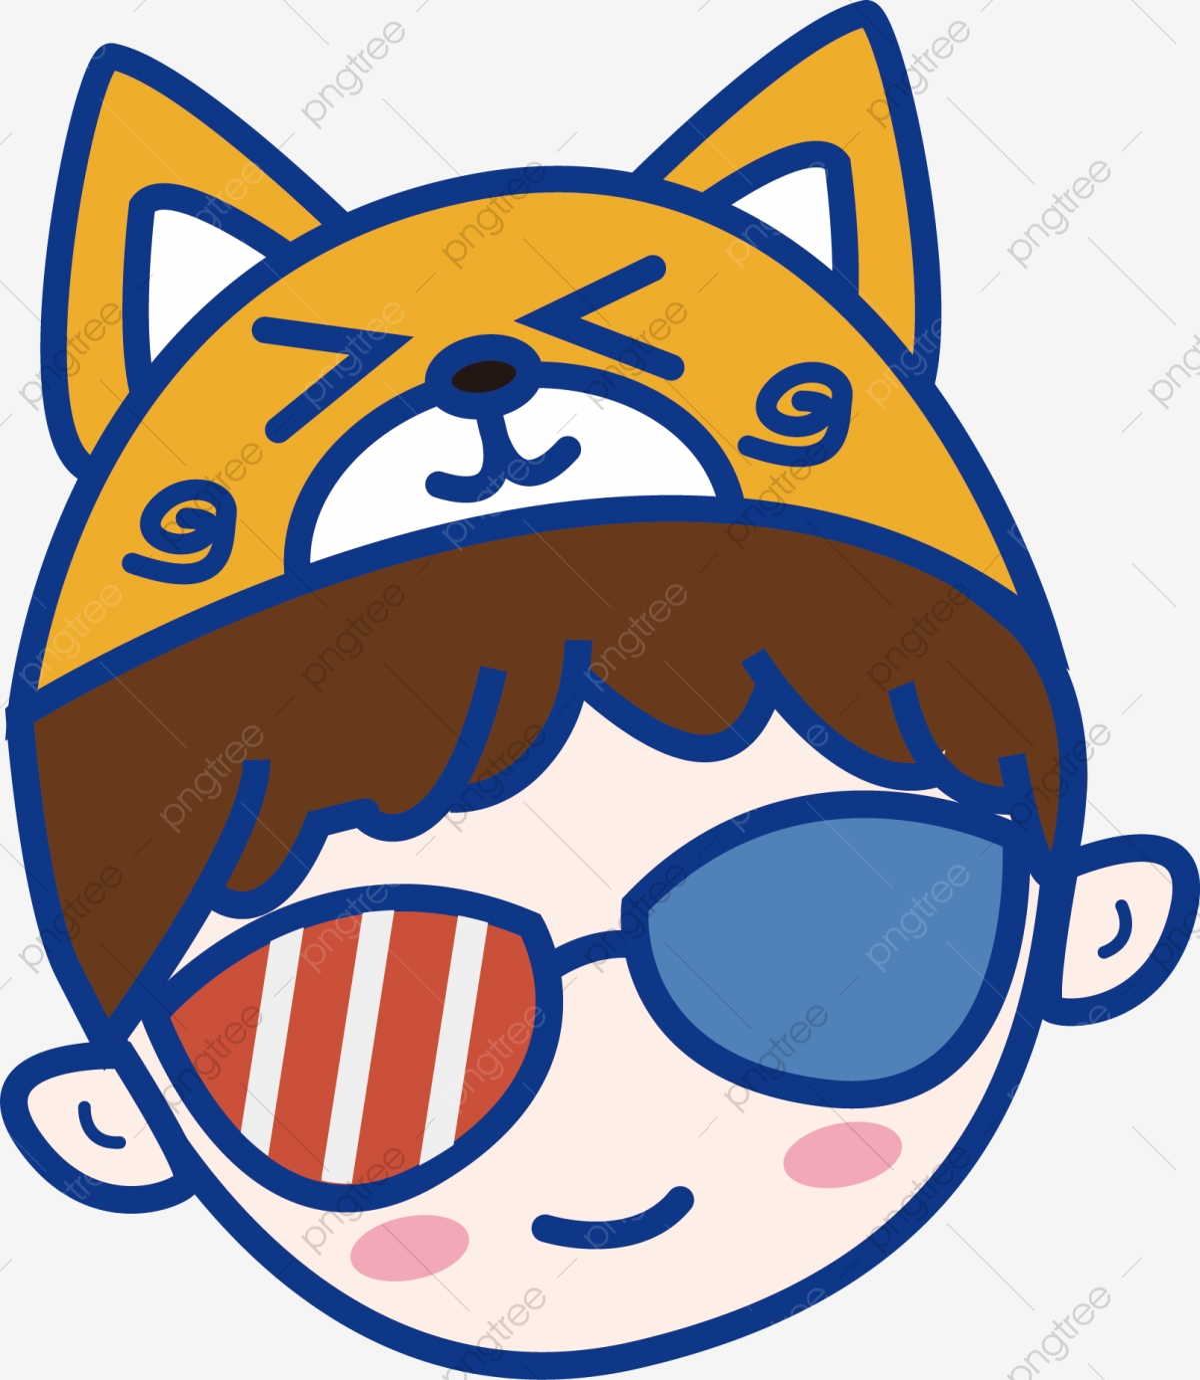 9a57ebcfe شیبا اینو قبعة الولد الصغير الطفل الذكر يلبس نظارات جميلة حر PNG و قصاصات  فنية